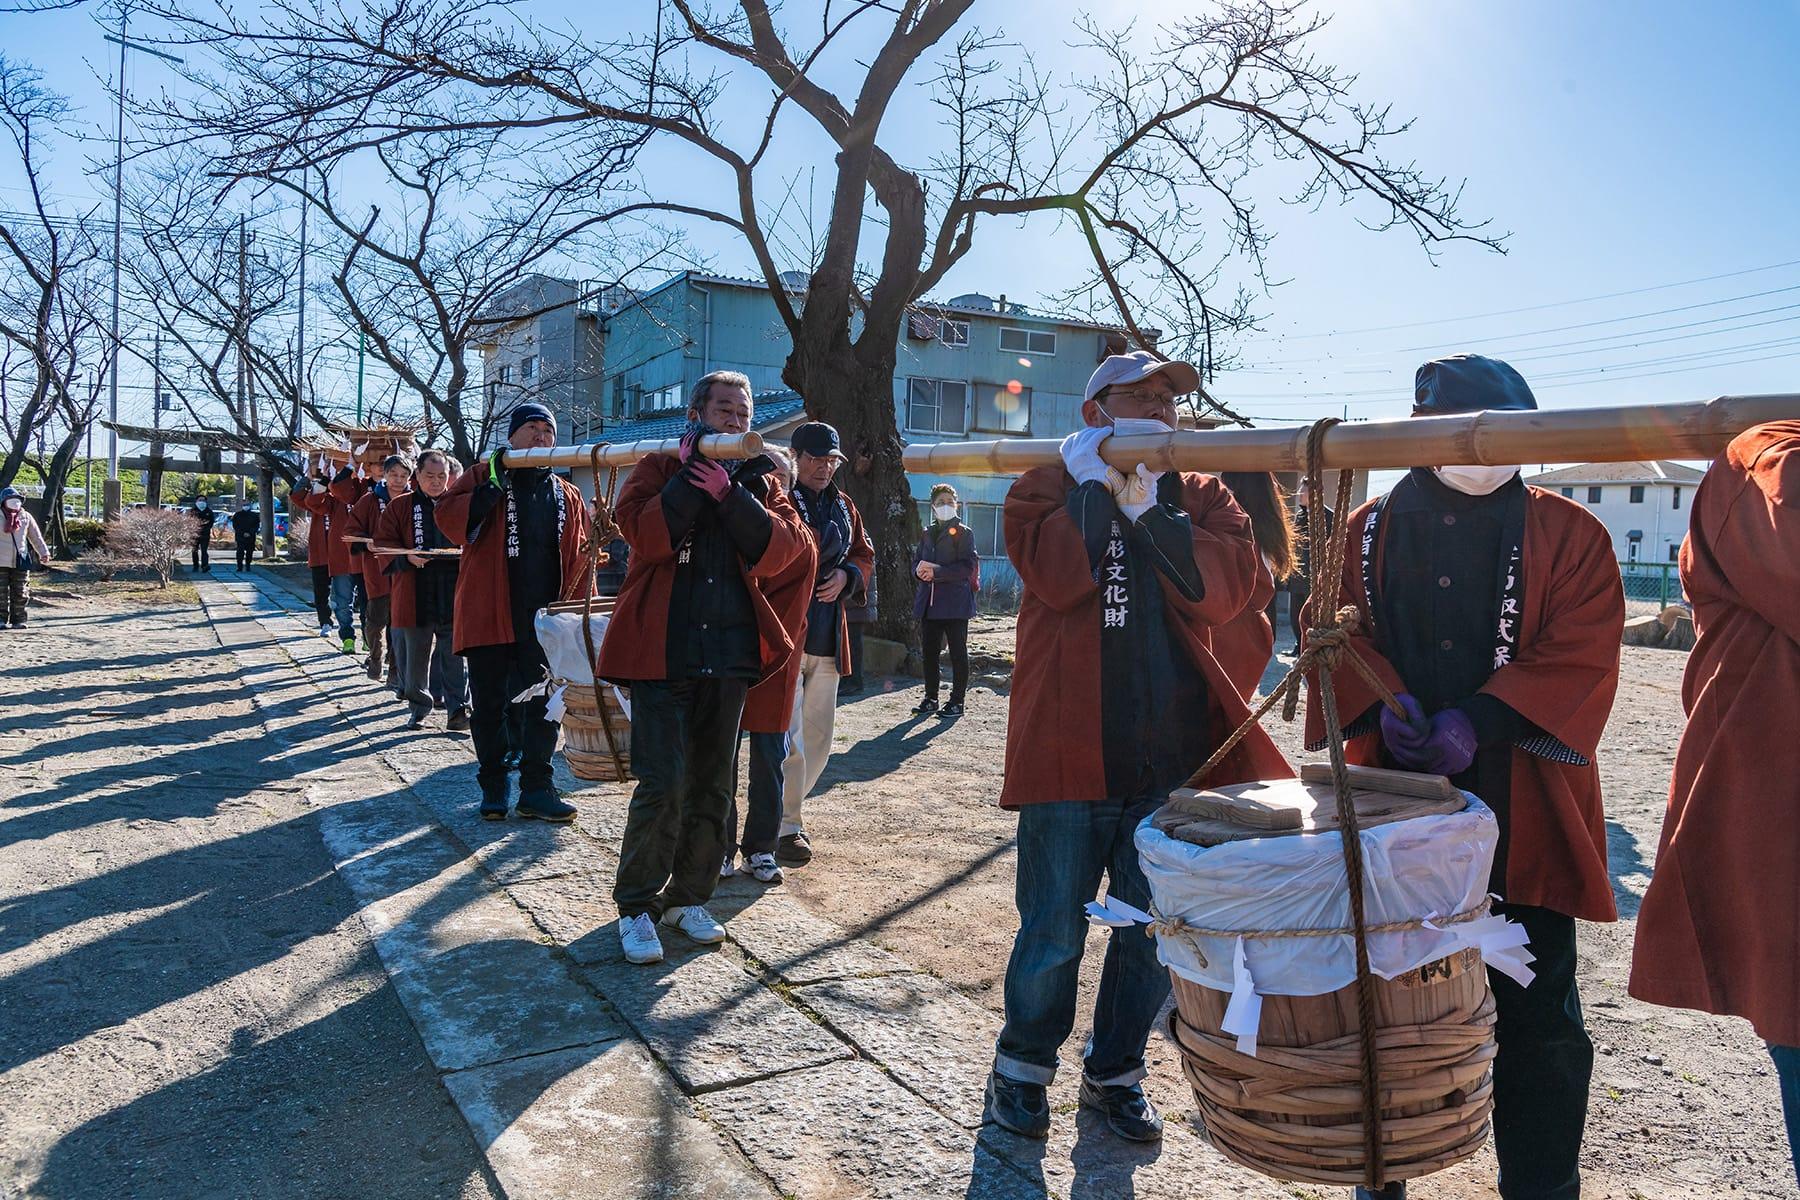 老袋の弓取式【下老袋 氷川神社|埼玉県川越市】 | フォトさいたま